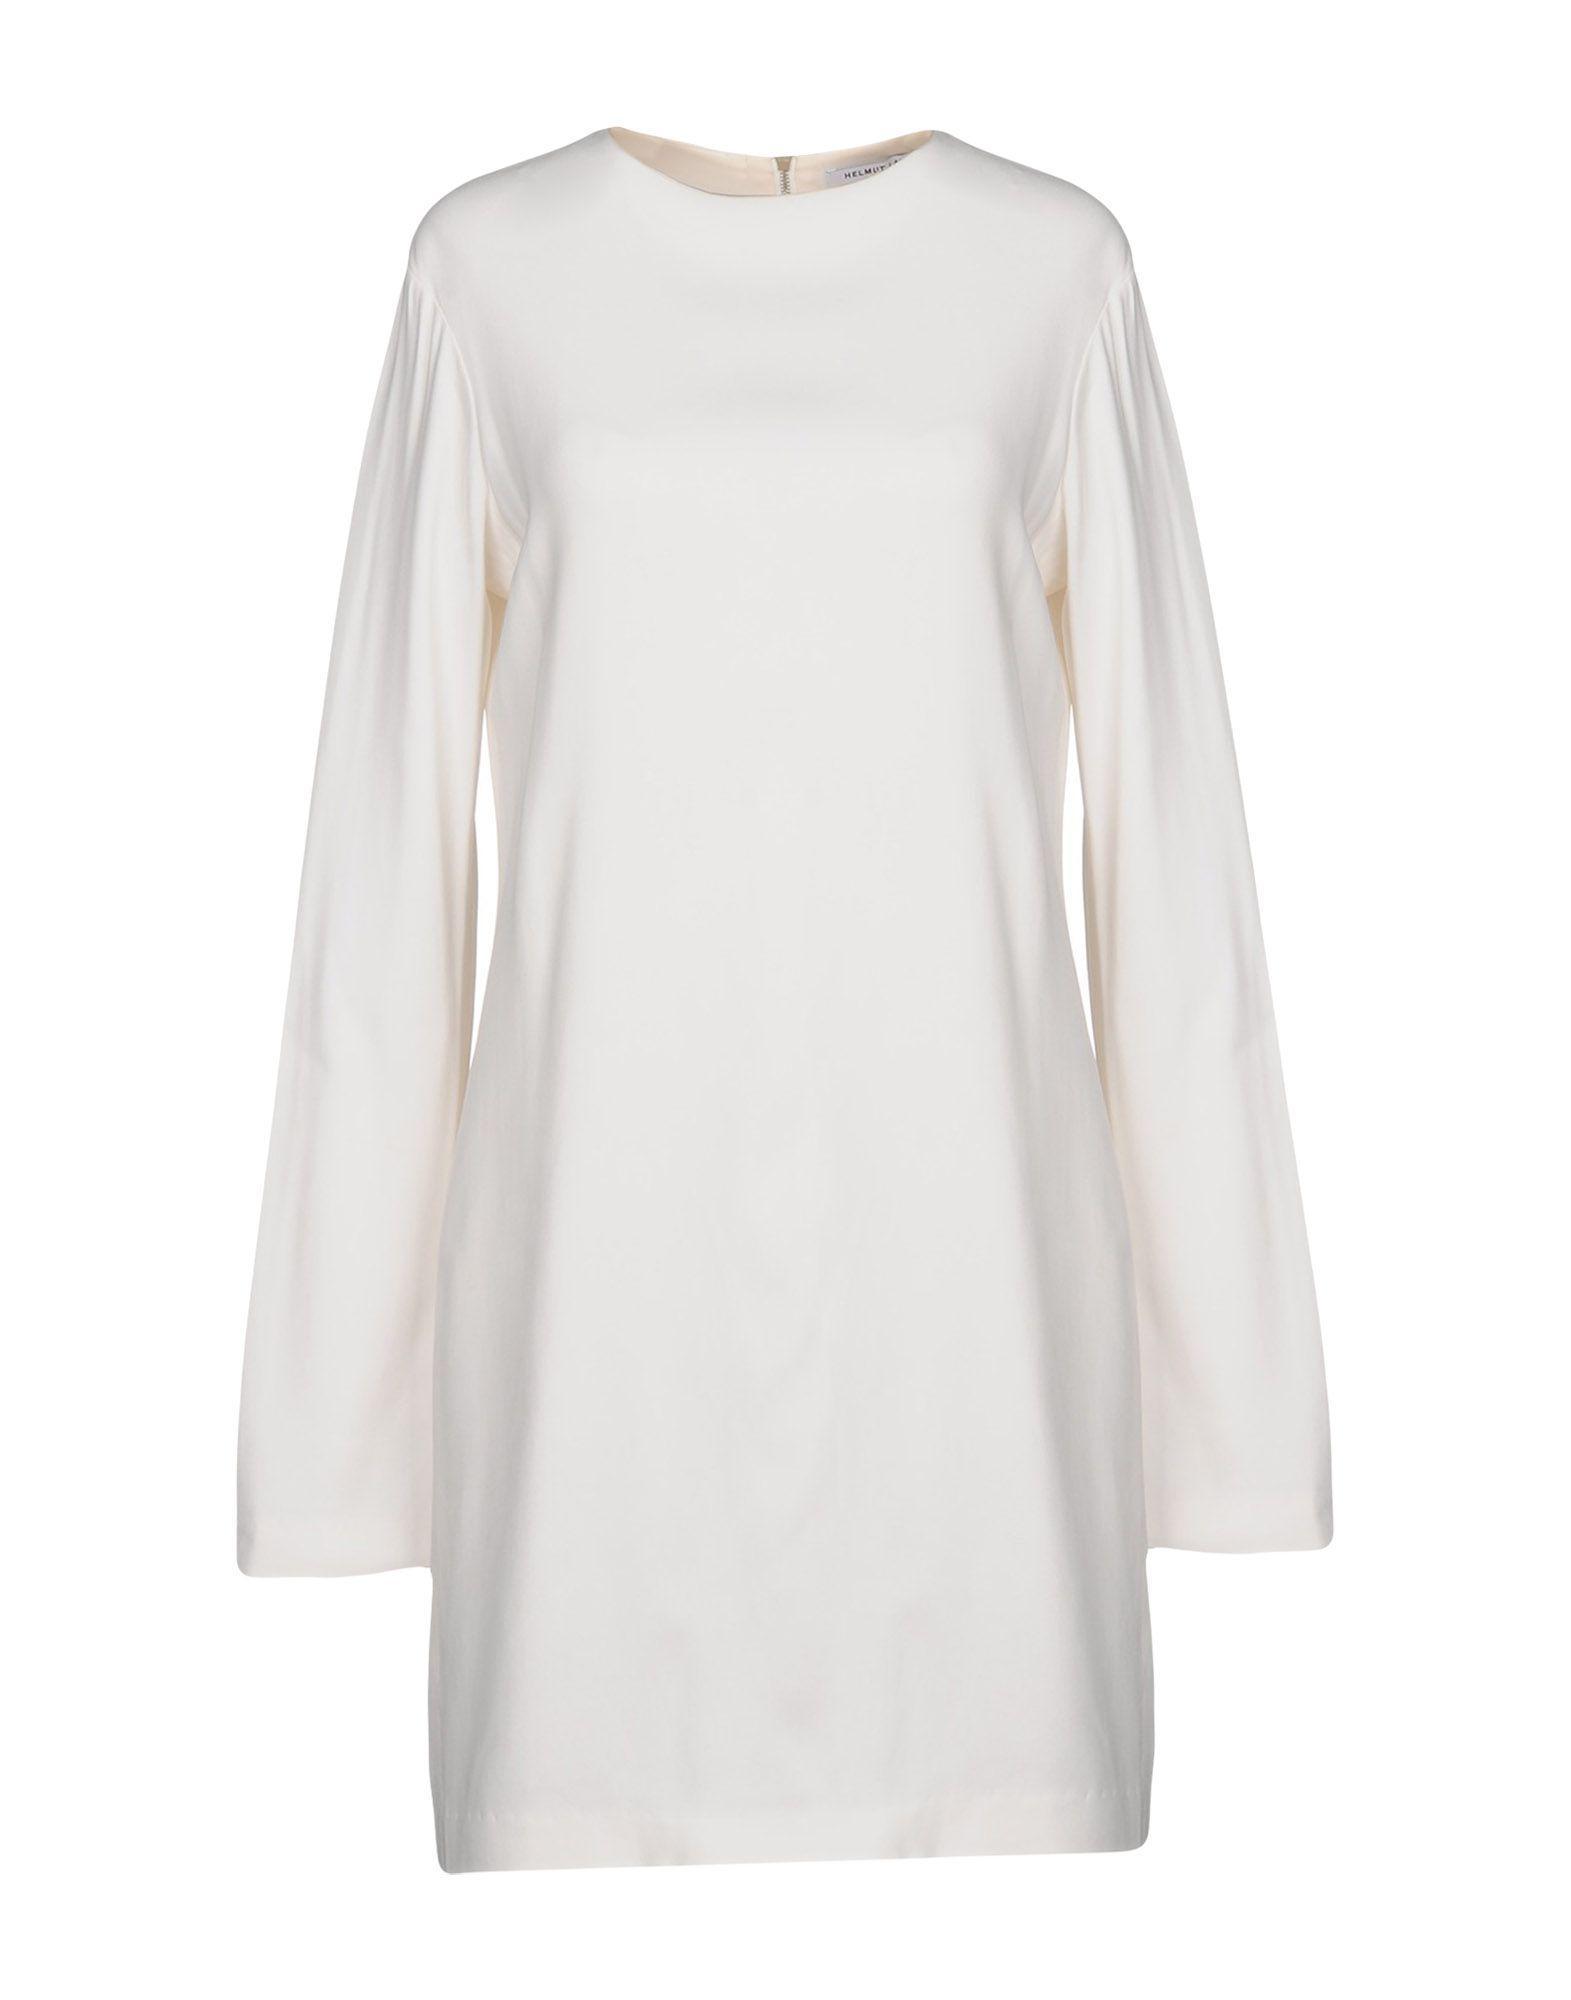 Helmut Lang Short Dresses In White